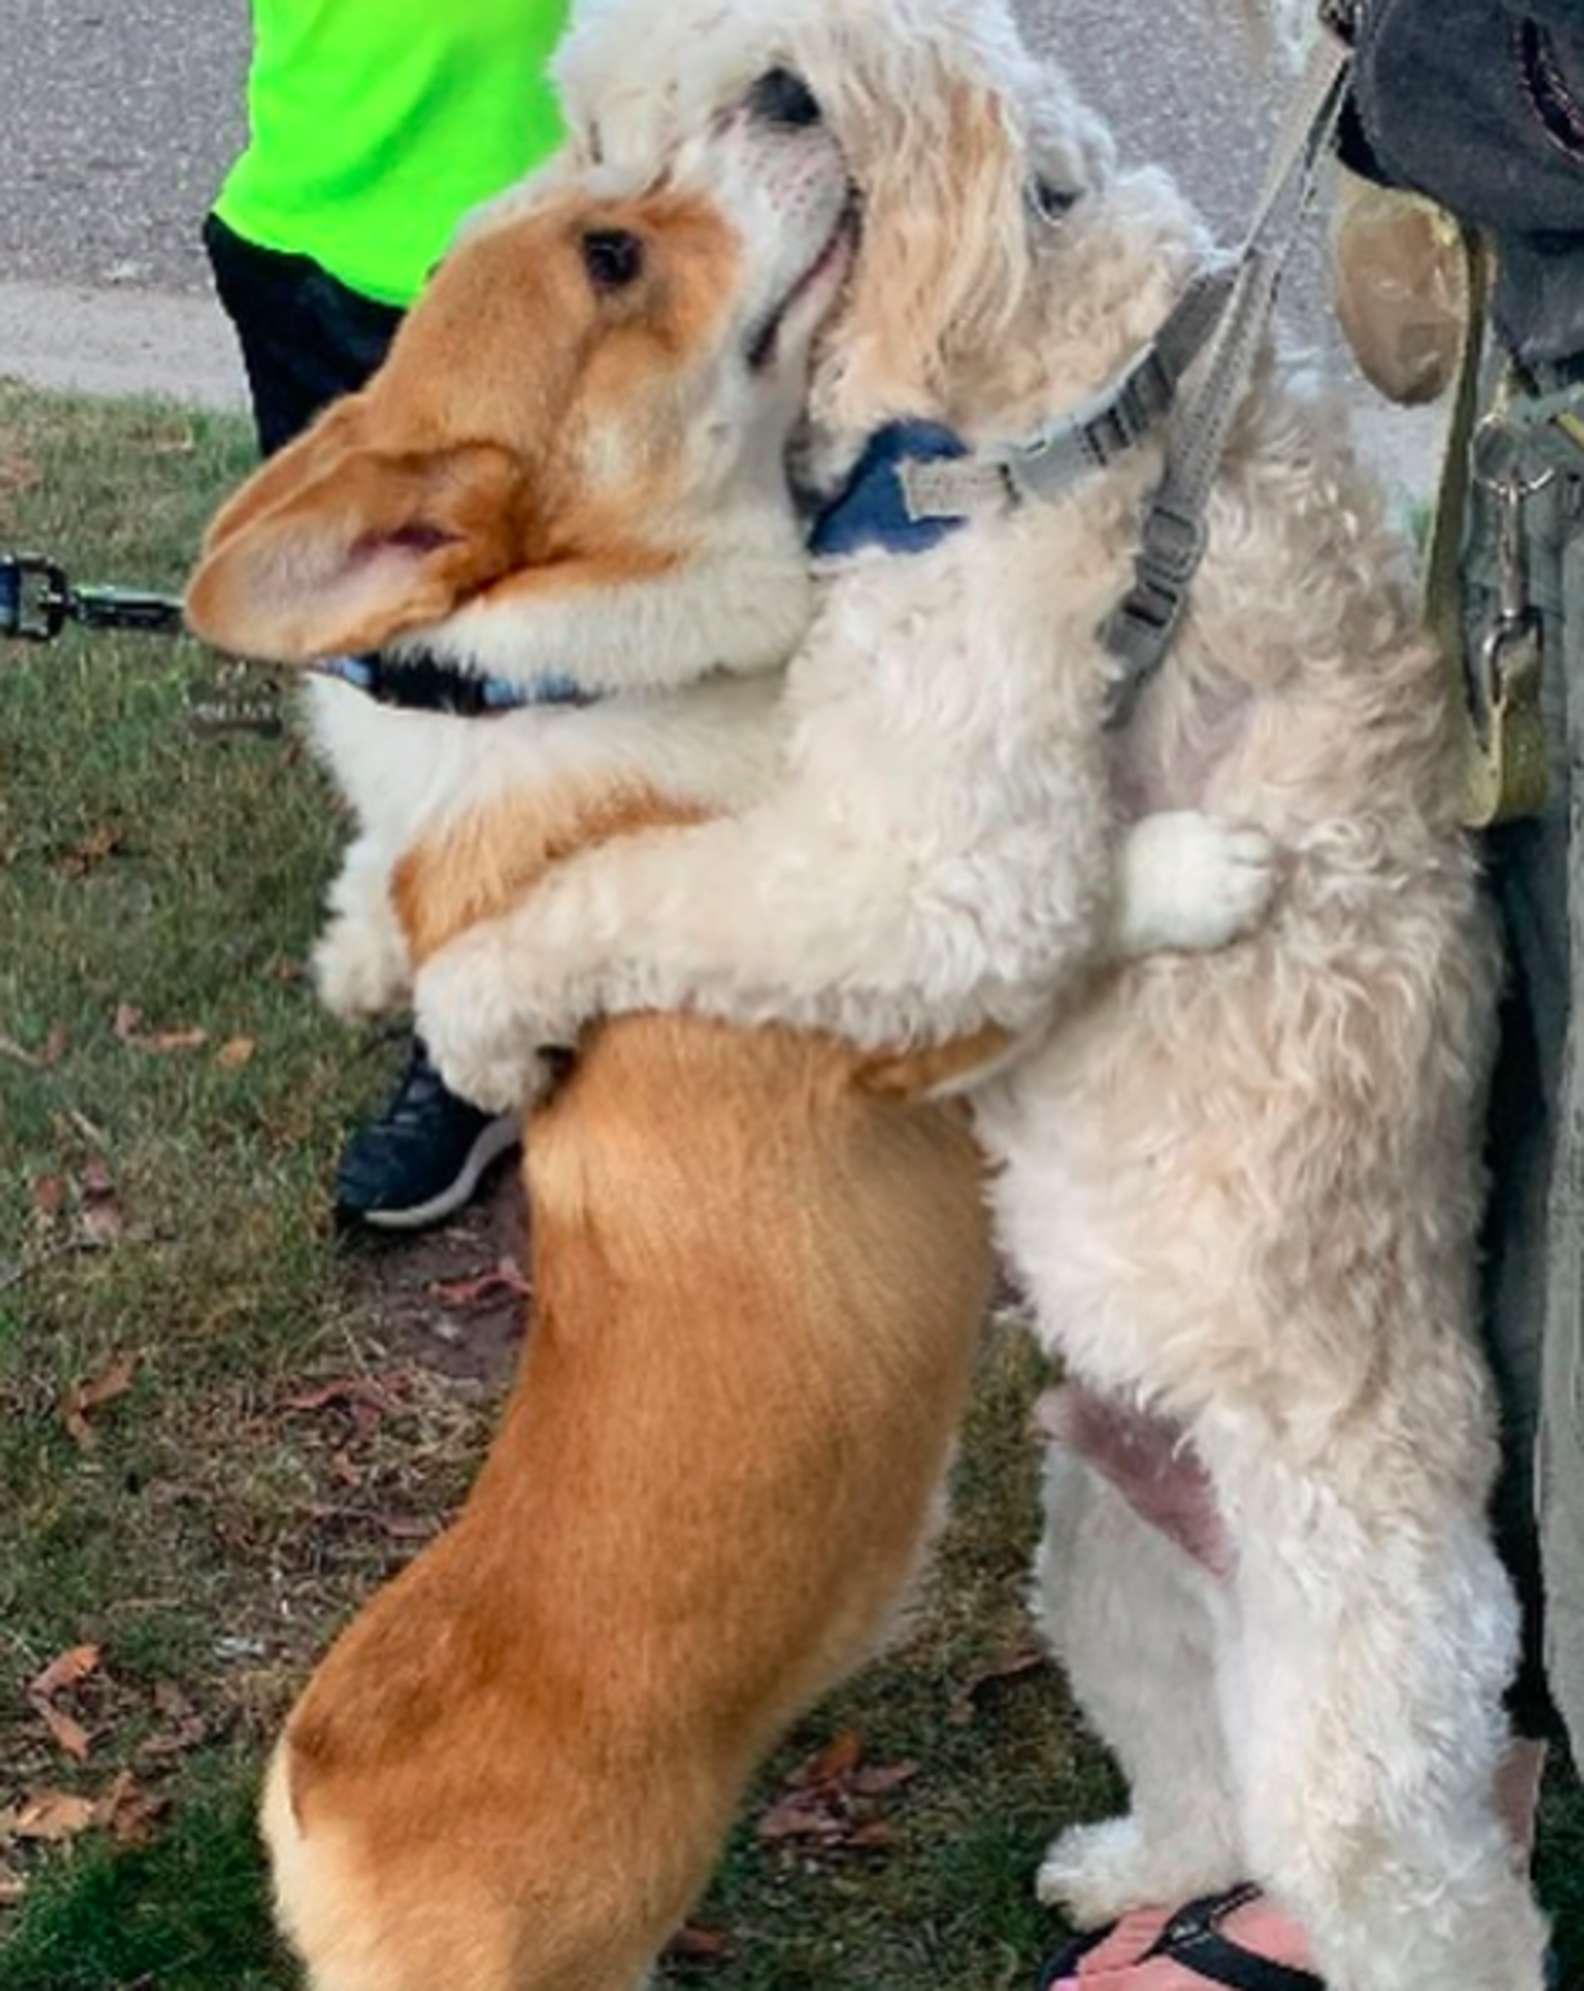 超萌柯基「阿嬤式抱抱」每隻路過朋友 小短腿沒勾好絕不放行❤